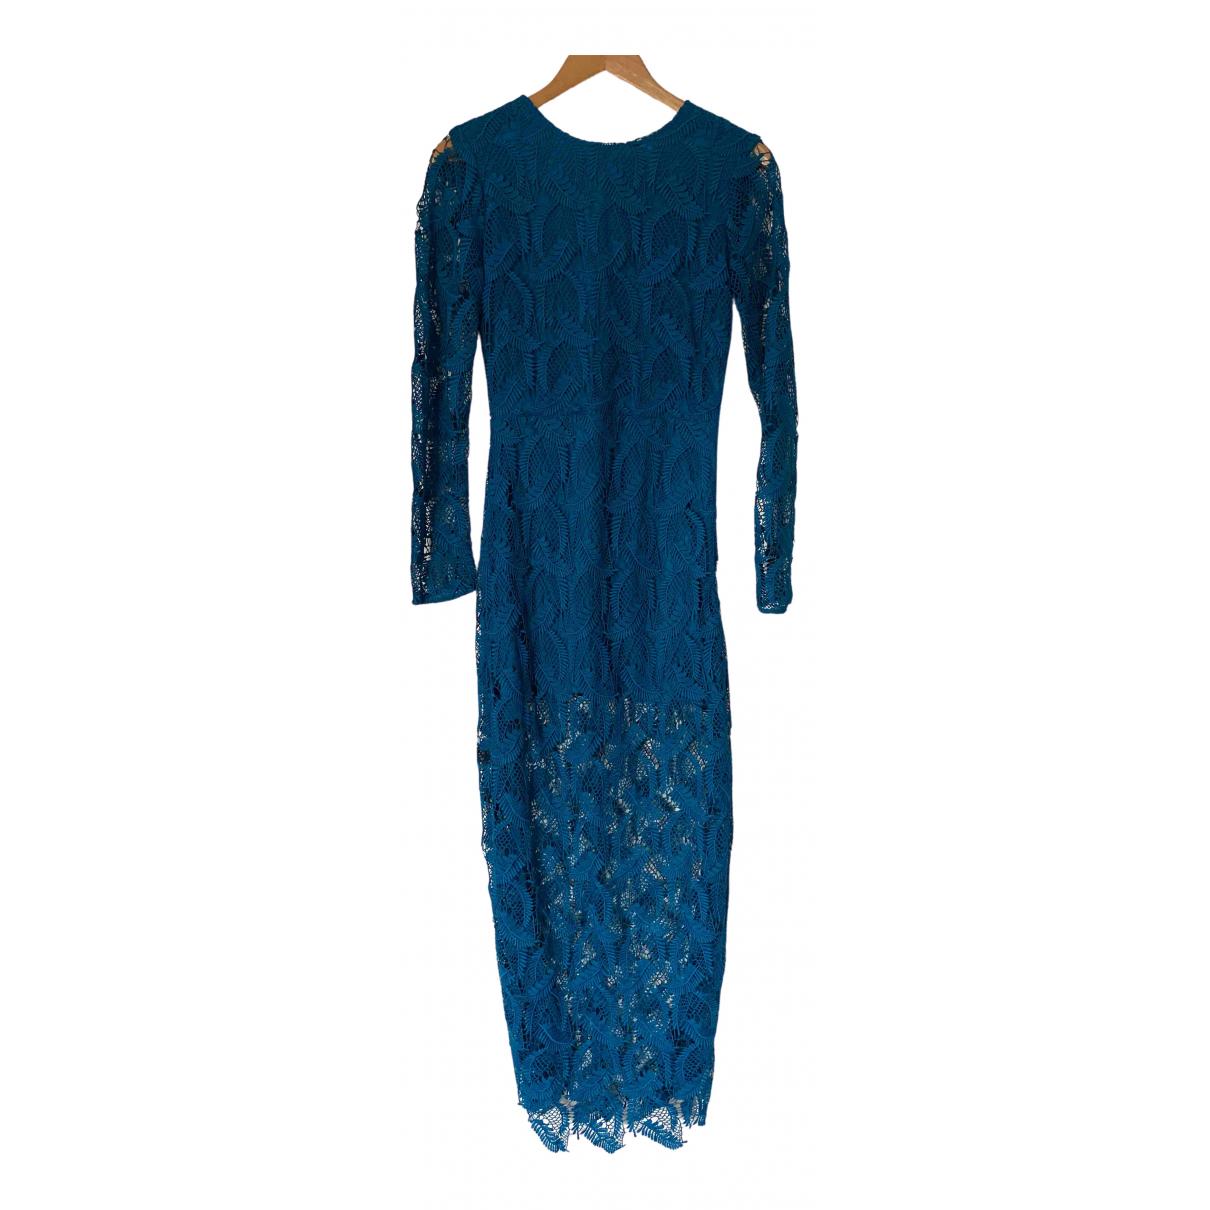 Maje \N Kleid in  Tuerkis Baumwolle